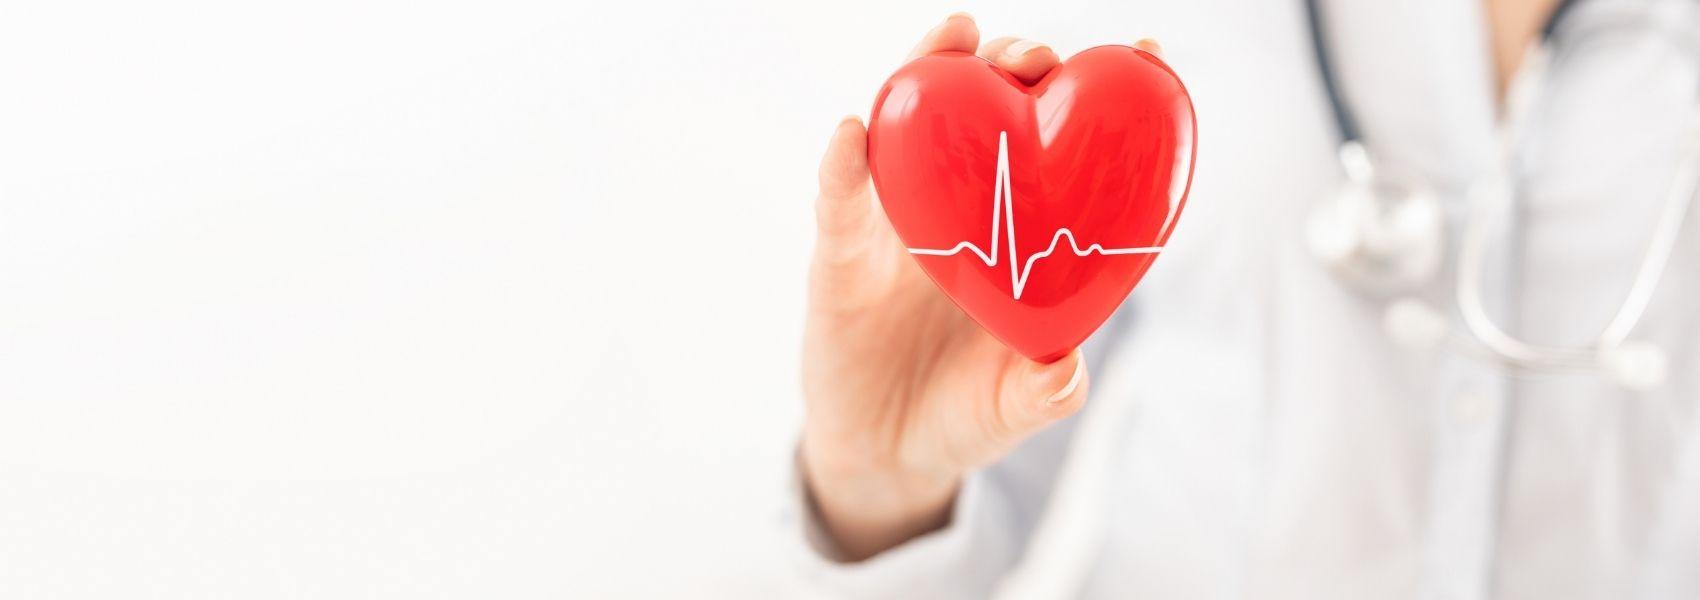 Paragem cardíaca súbita: se acontece a um atleta profissional, pode acontecer a qualquer um